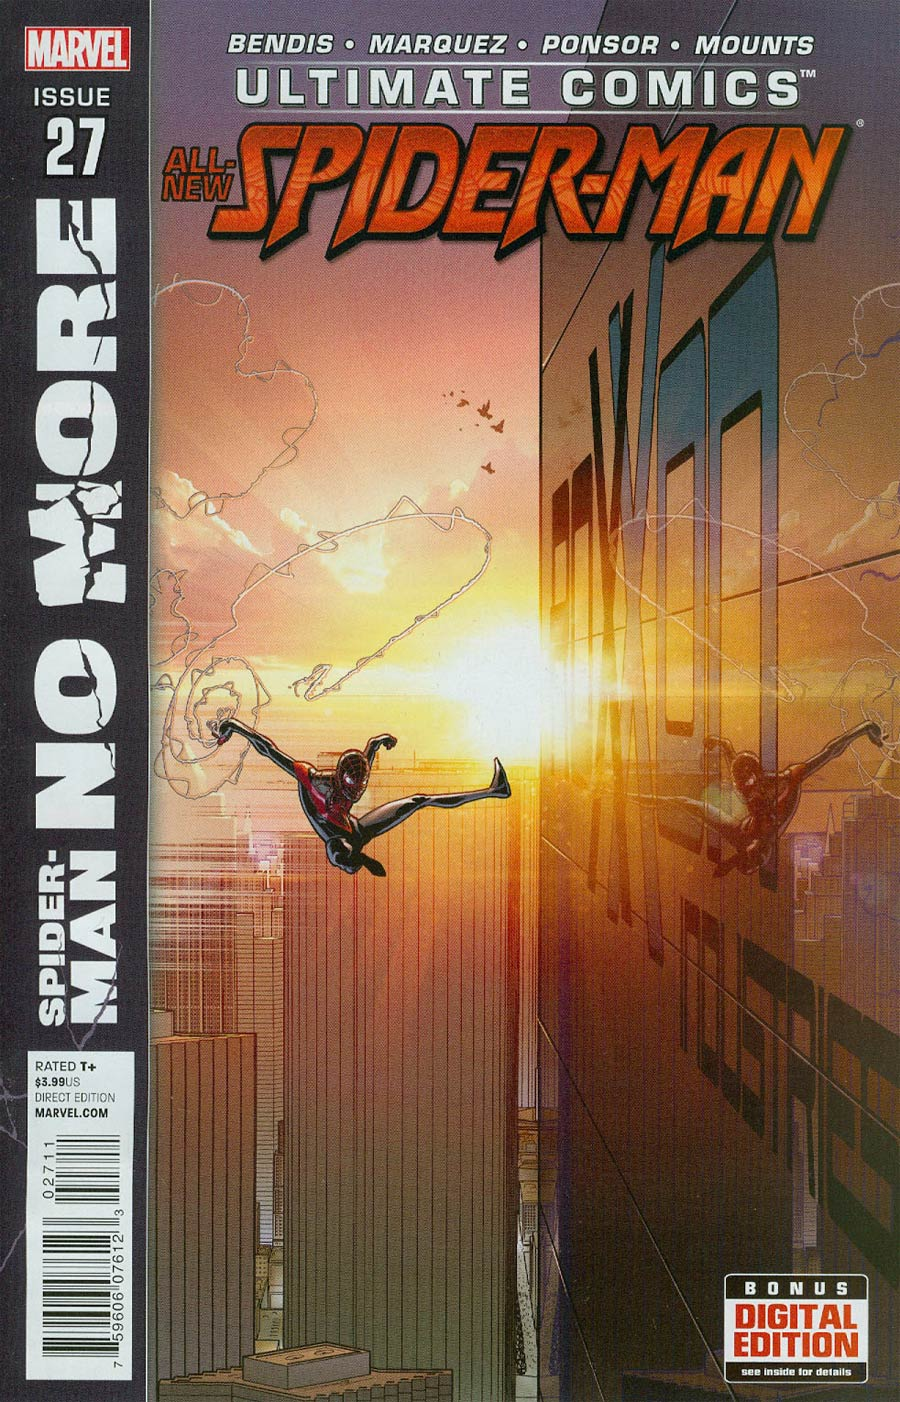 Ultimate Comics Spider-Man Vol 2 #27